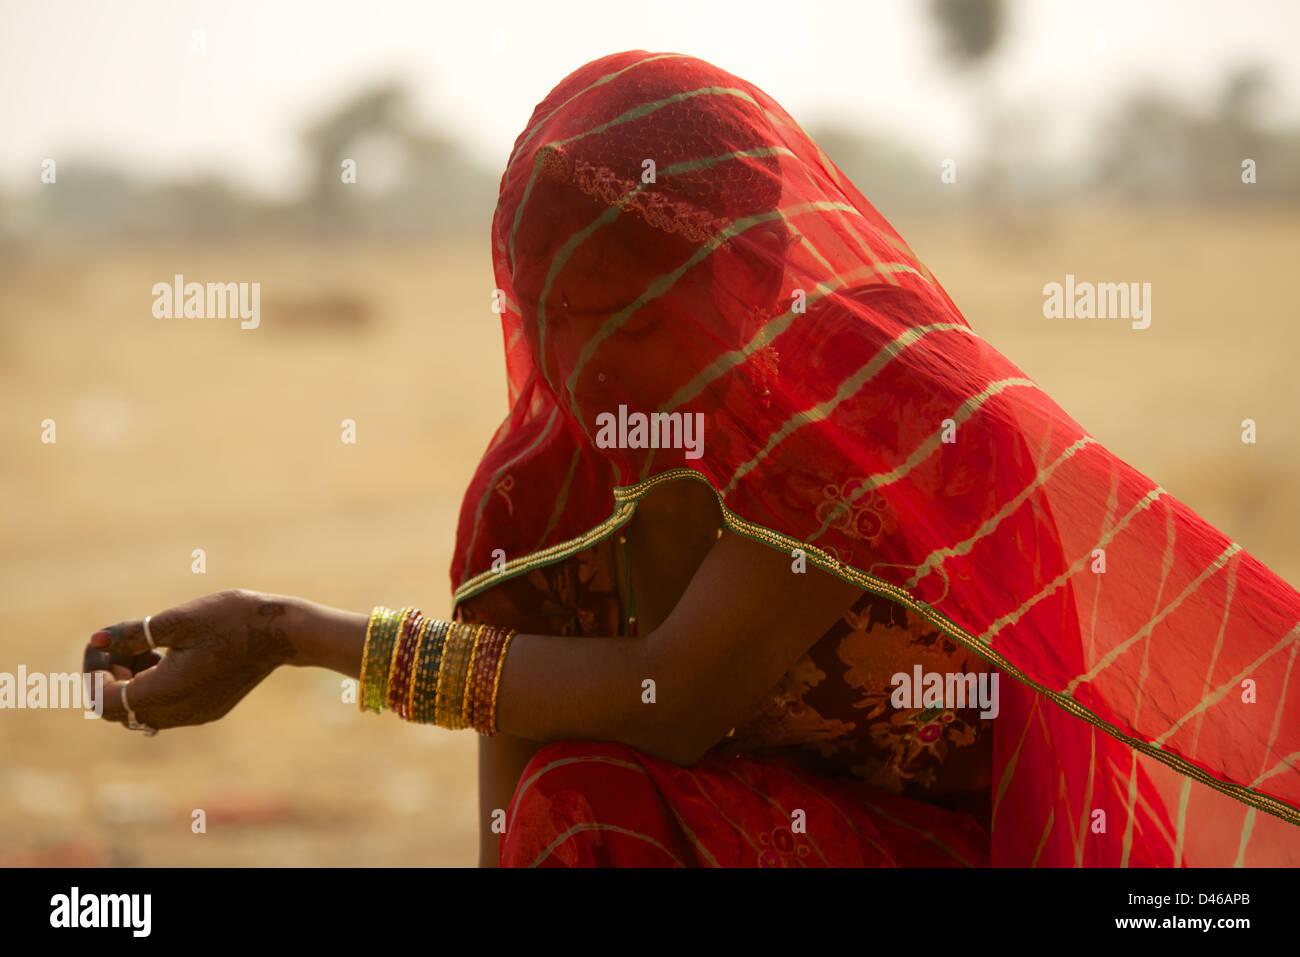 Una joven mujer india en las afueras de Bikaner en Rajasthan India septentrional. shields su cara desde el desierto, Imagen De Stock